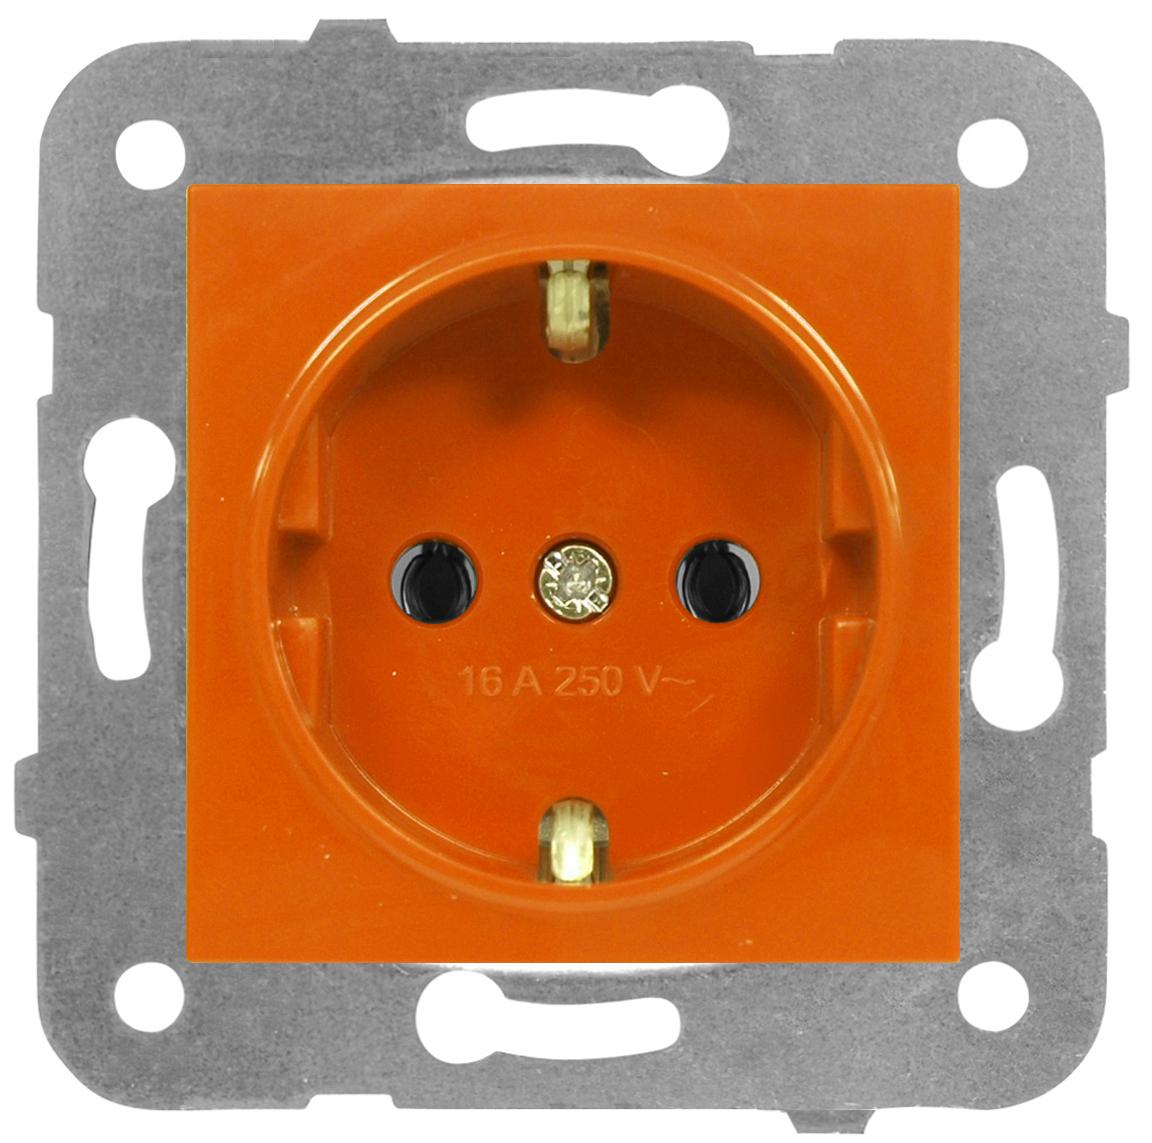 1 Stk Steckdose, orange, Steckklemmen EV101009--